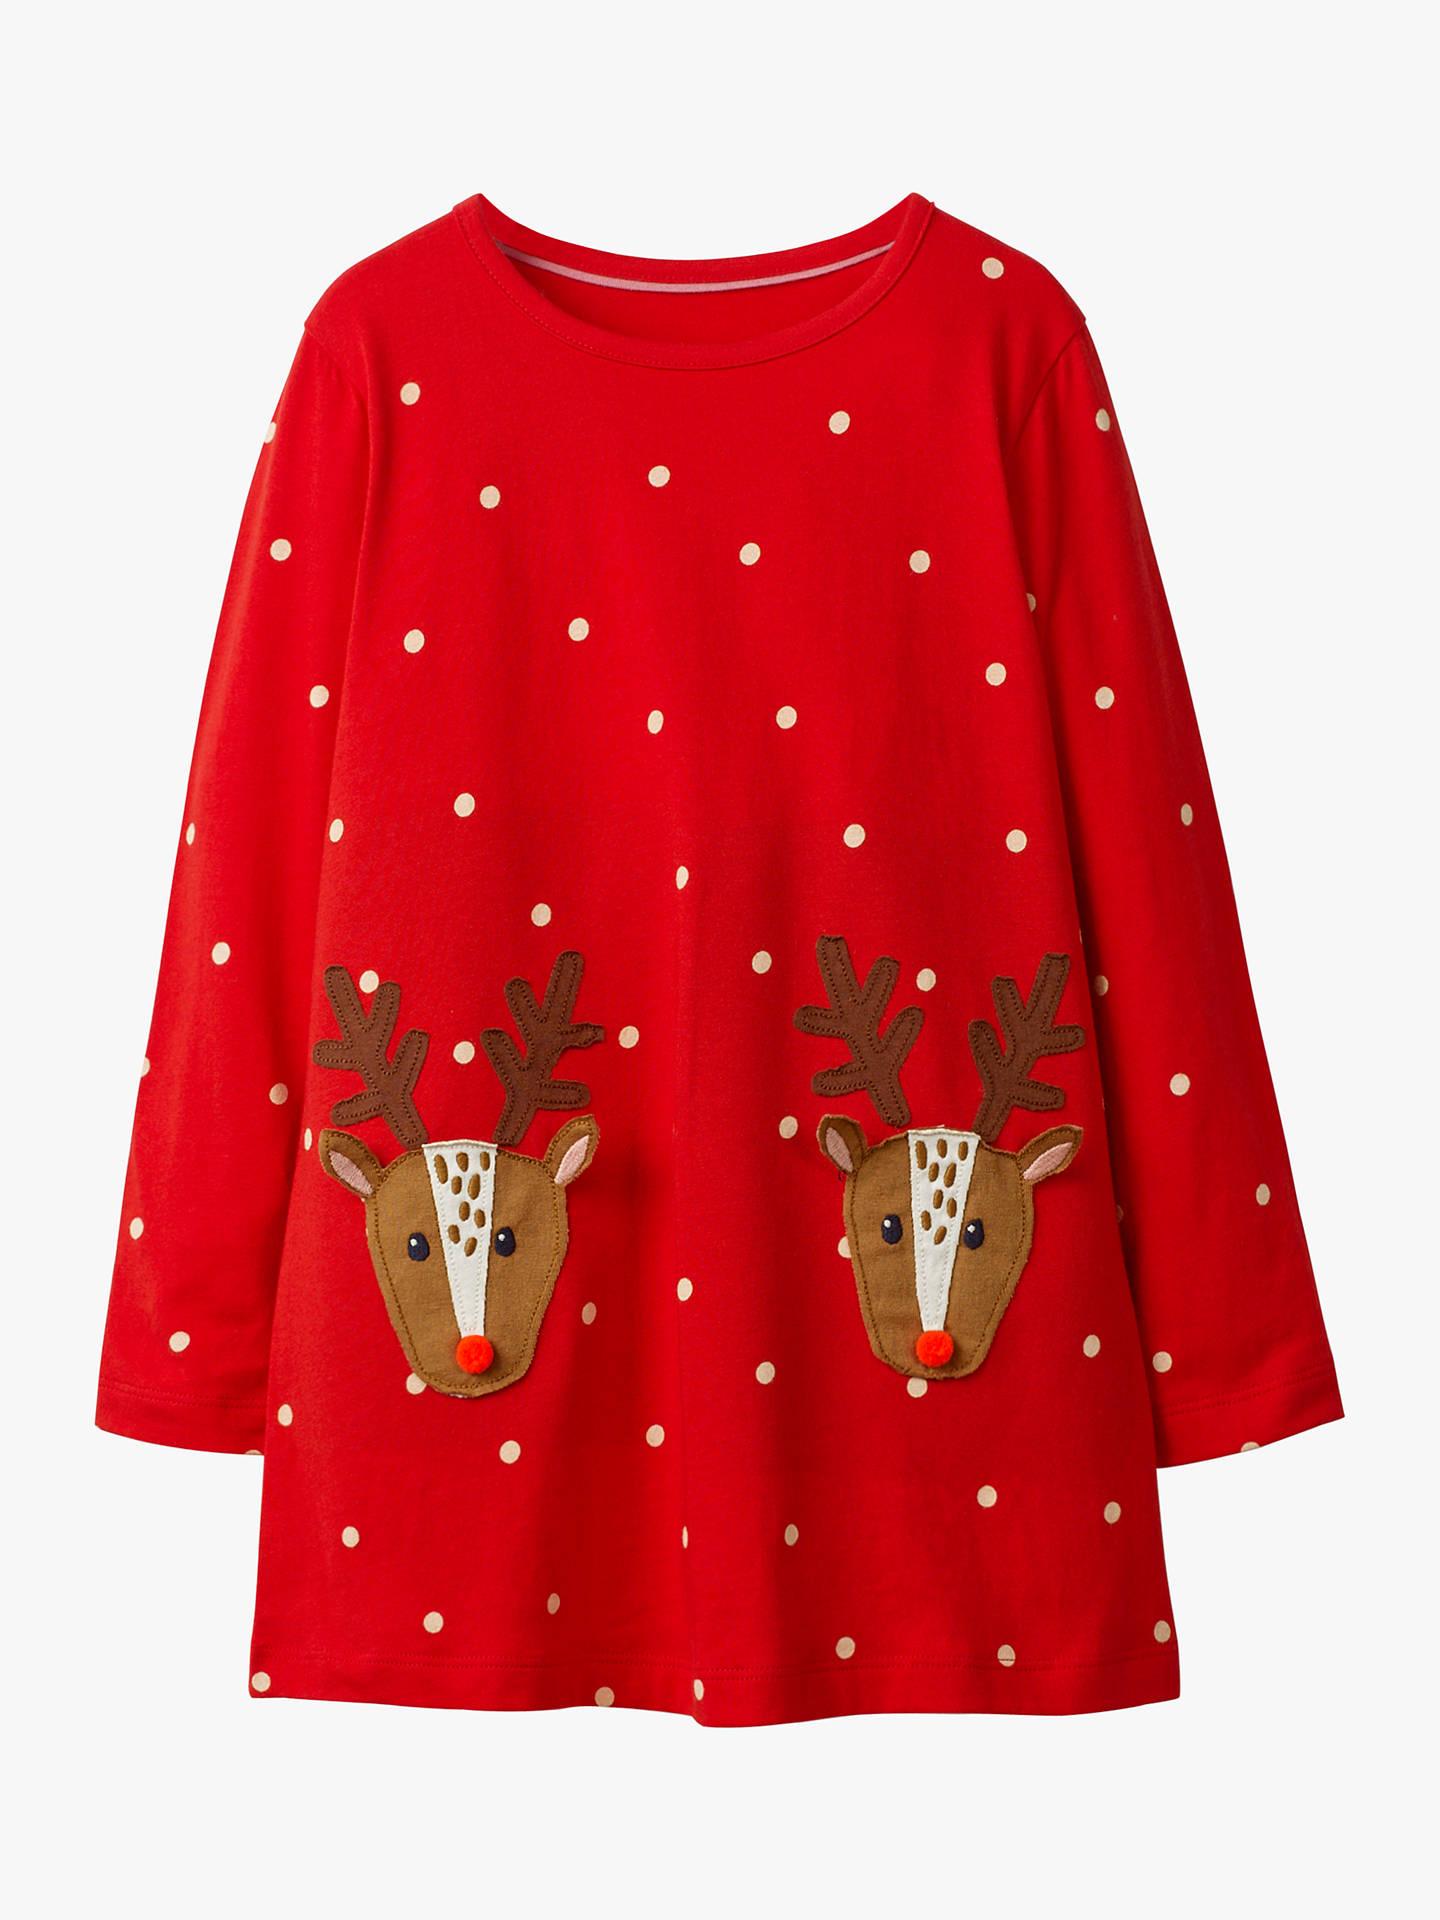 71551a9fe0cb Mini Boden Girls  Festive Applique Tunic Top